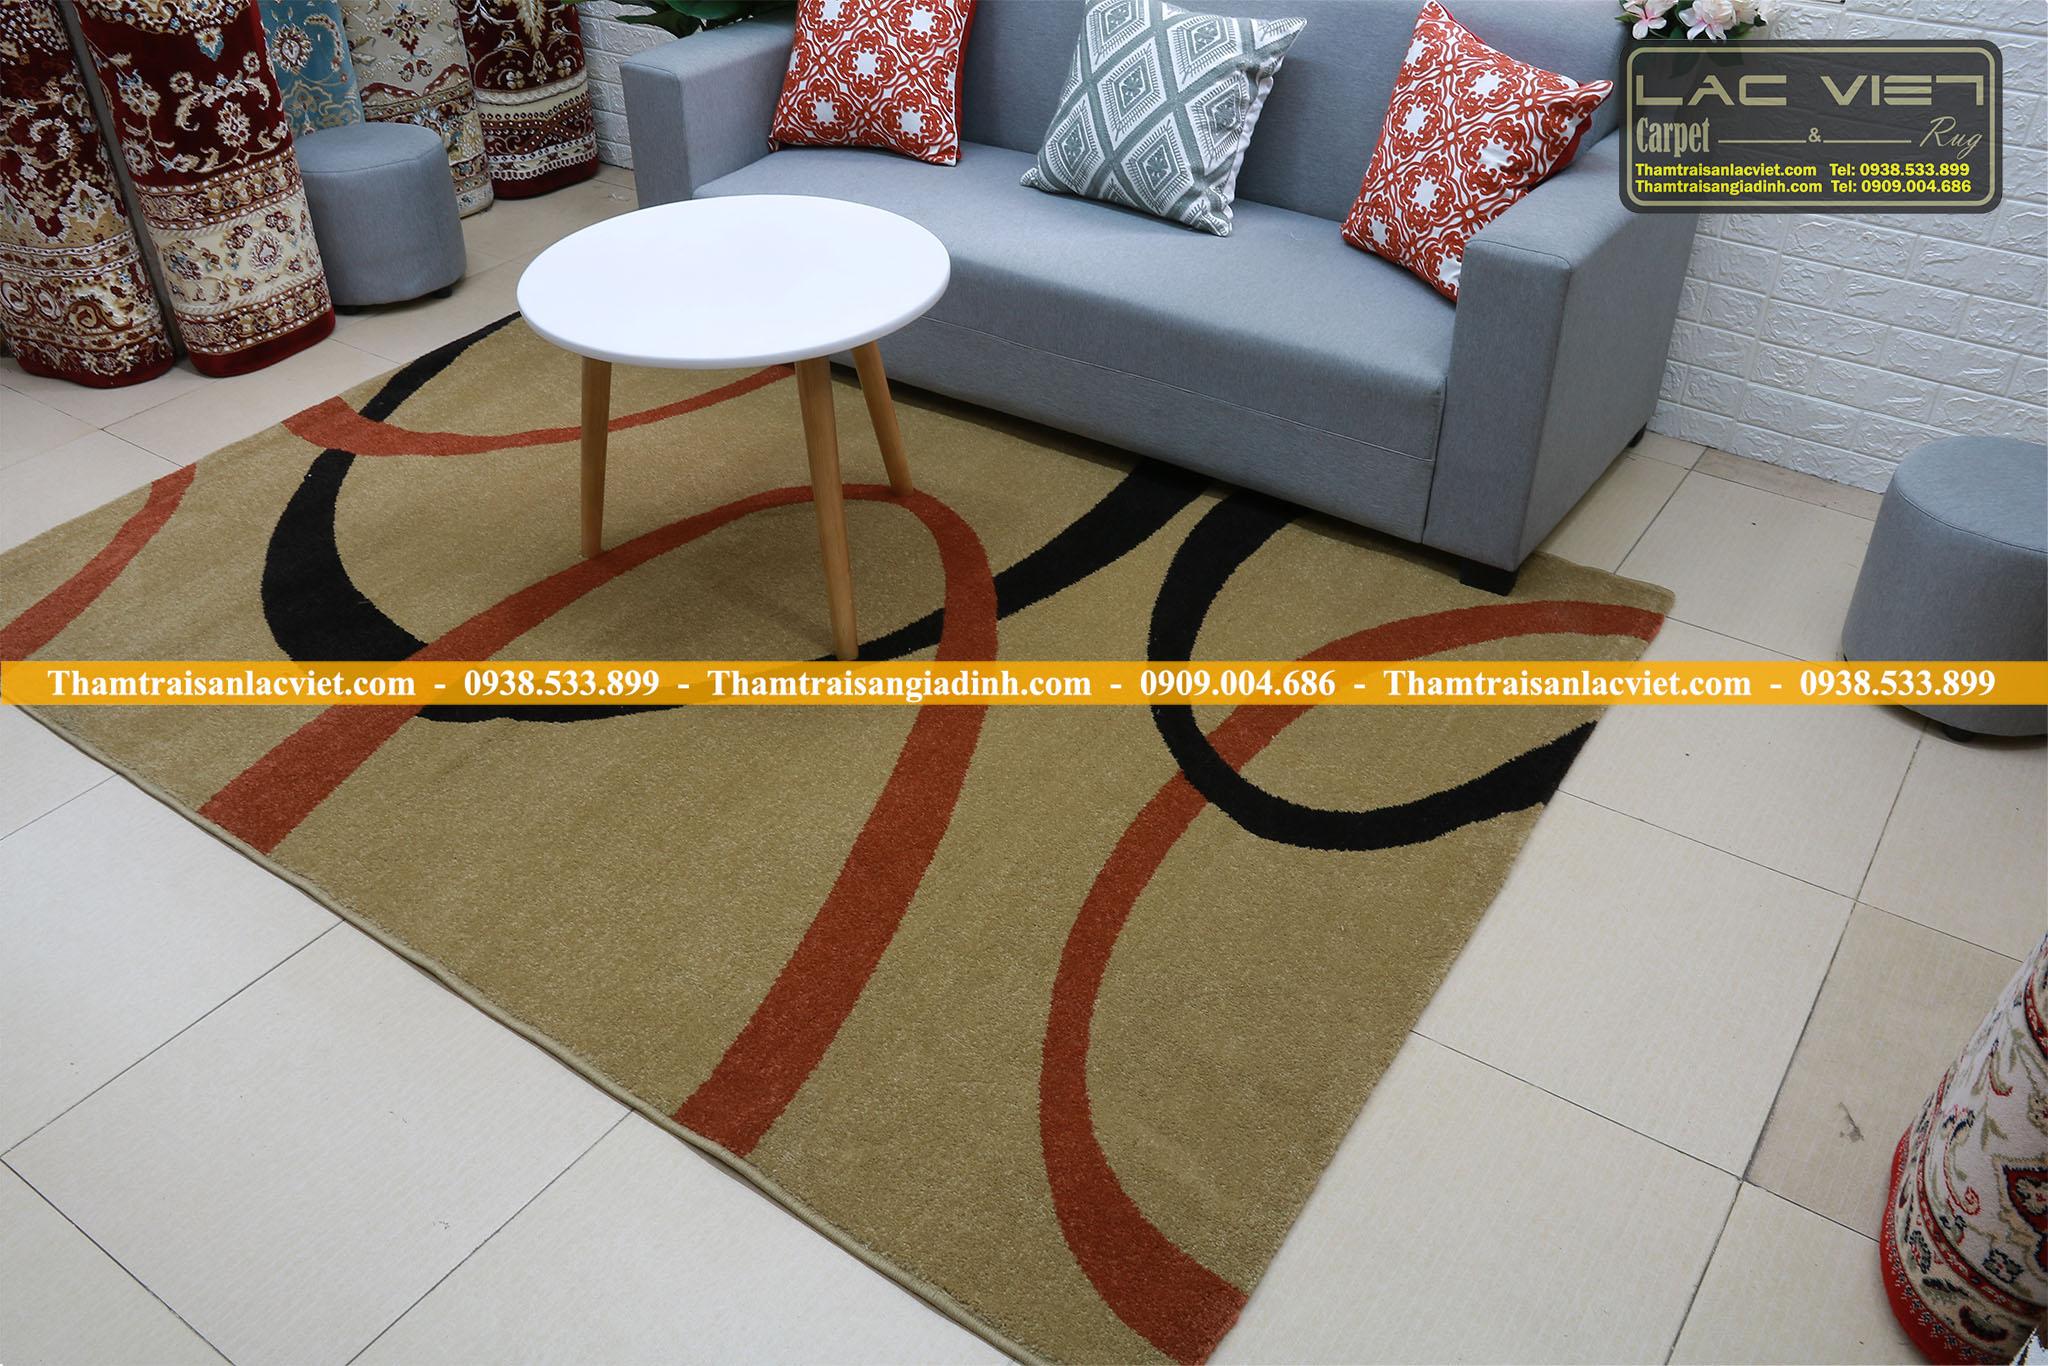 Thảm trải phòng khách giá rẻ -10915